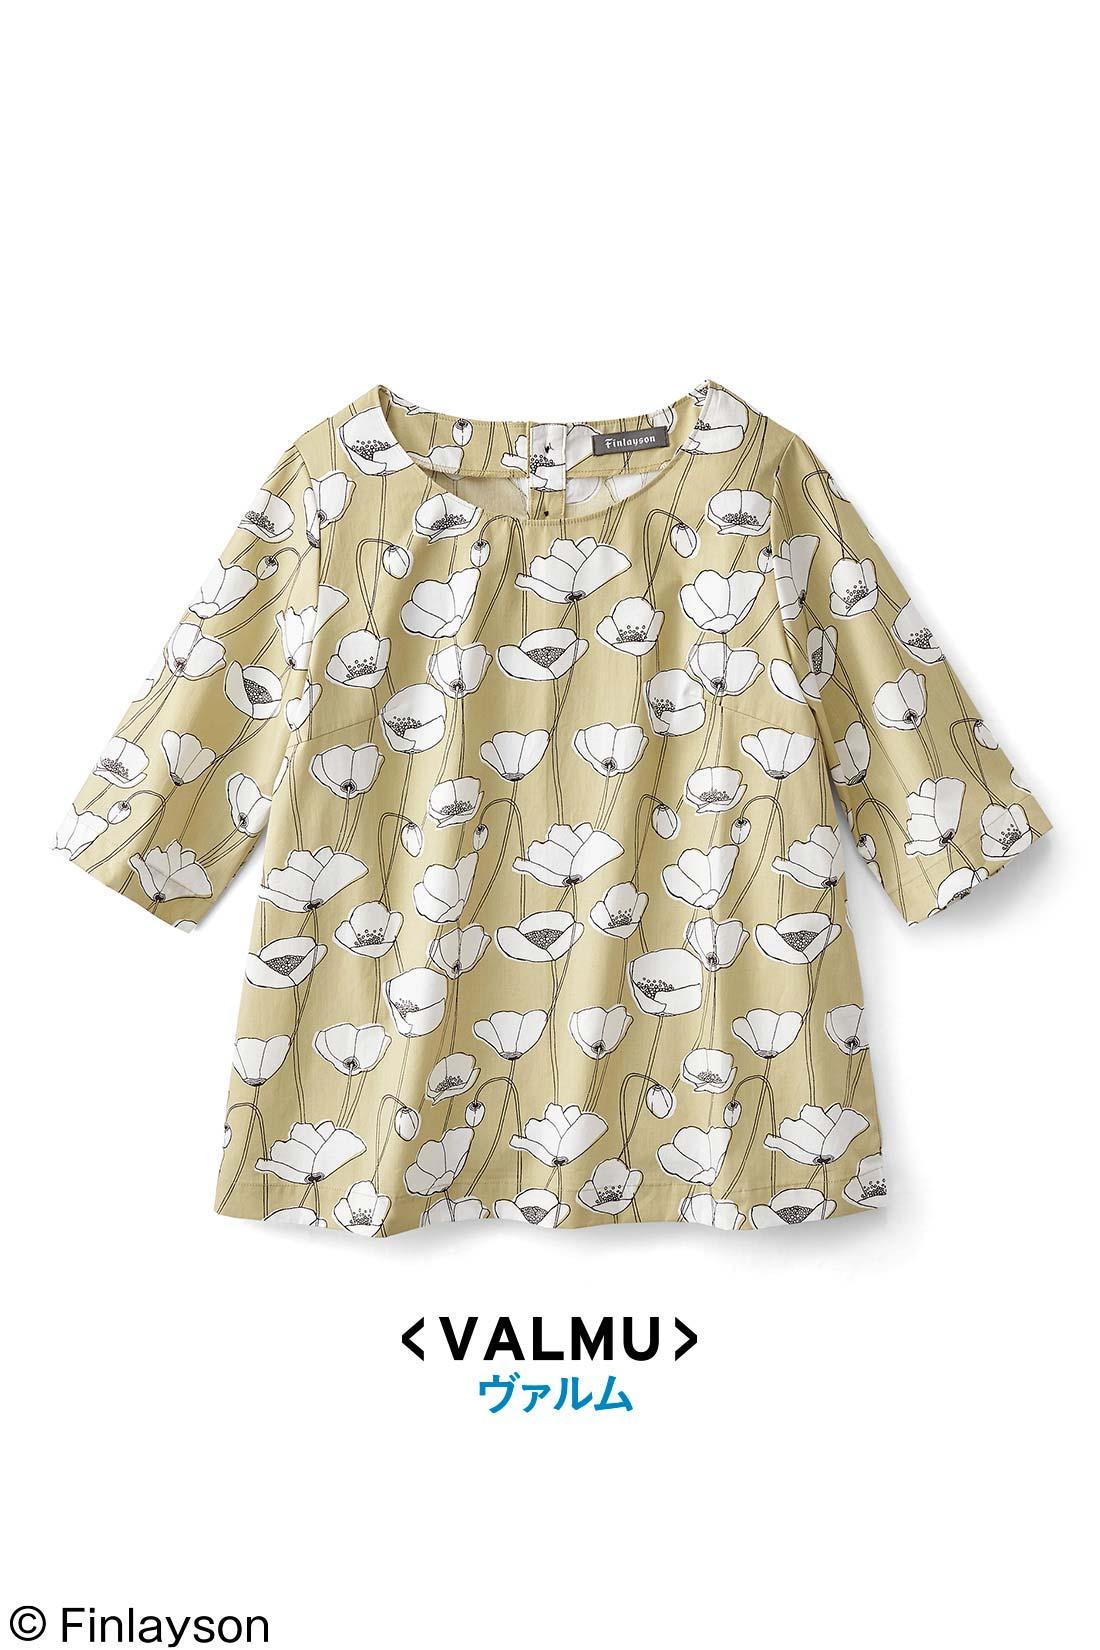 〈VALMU〉ヴァルム お誕生日に花束をもらった女の子は、かわいいポピーがお気に入り。